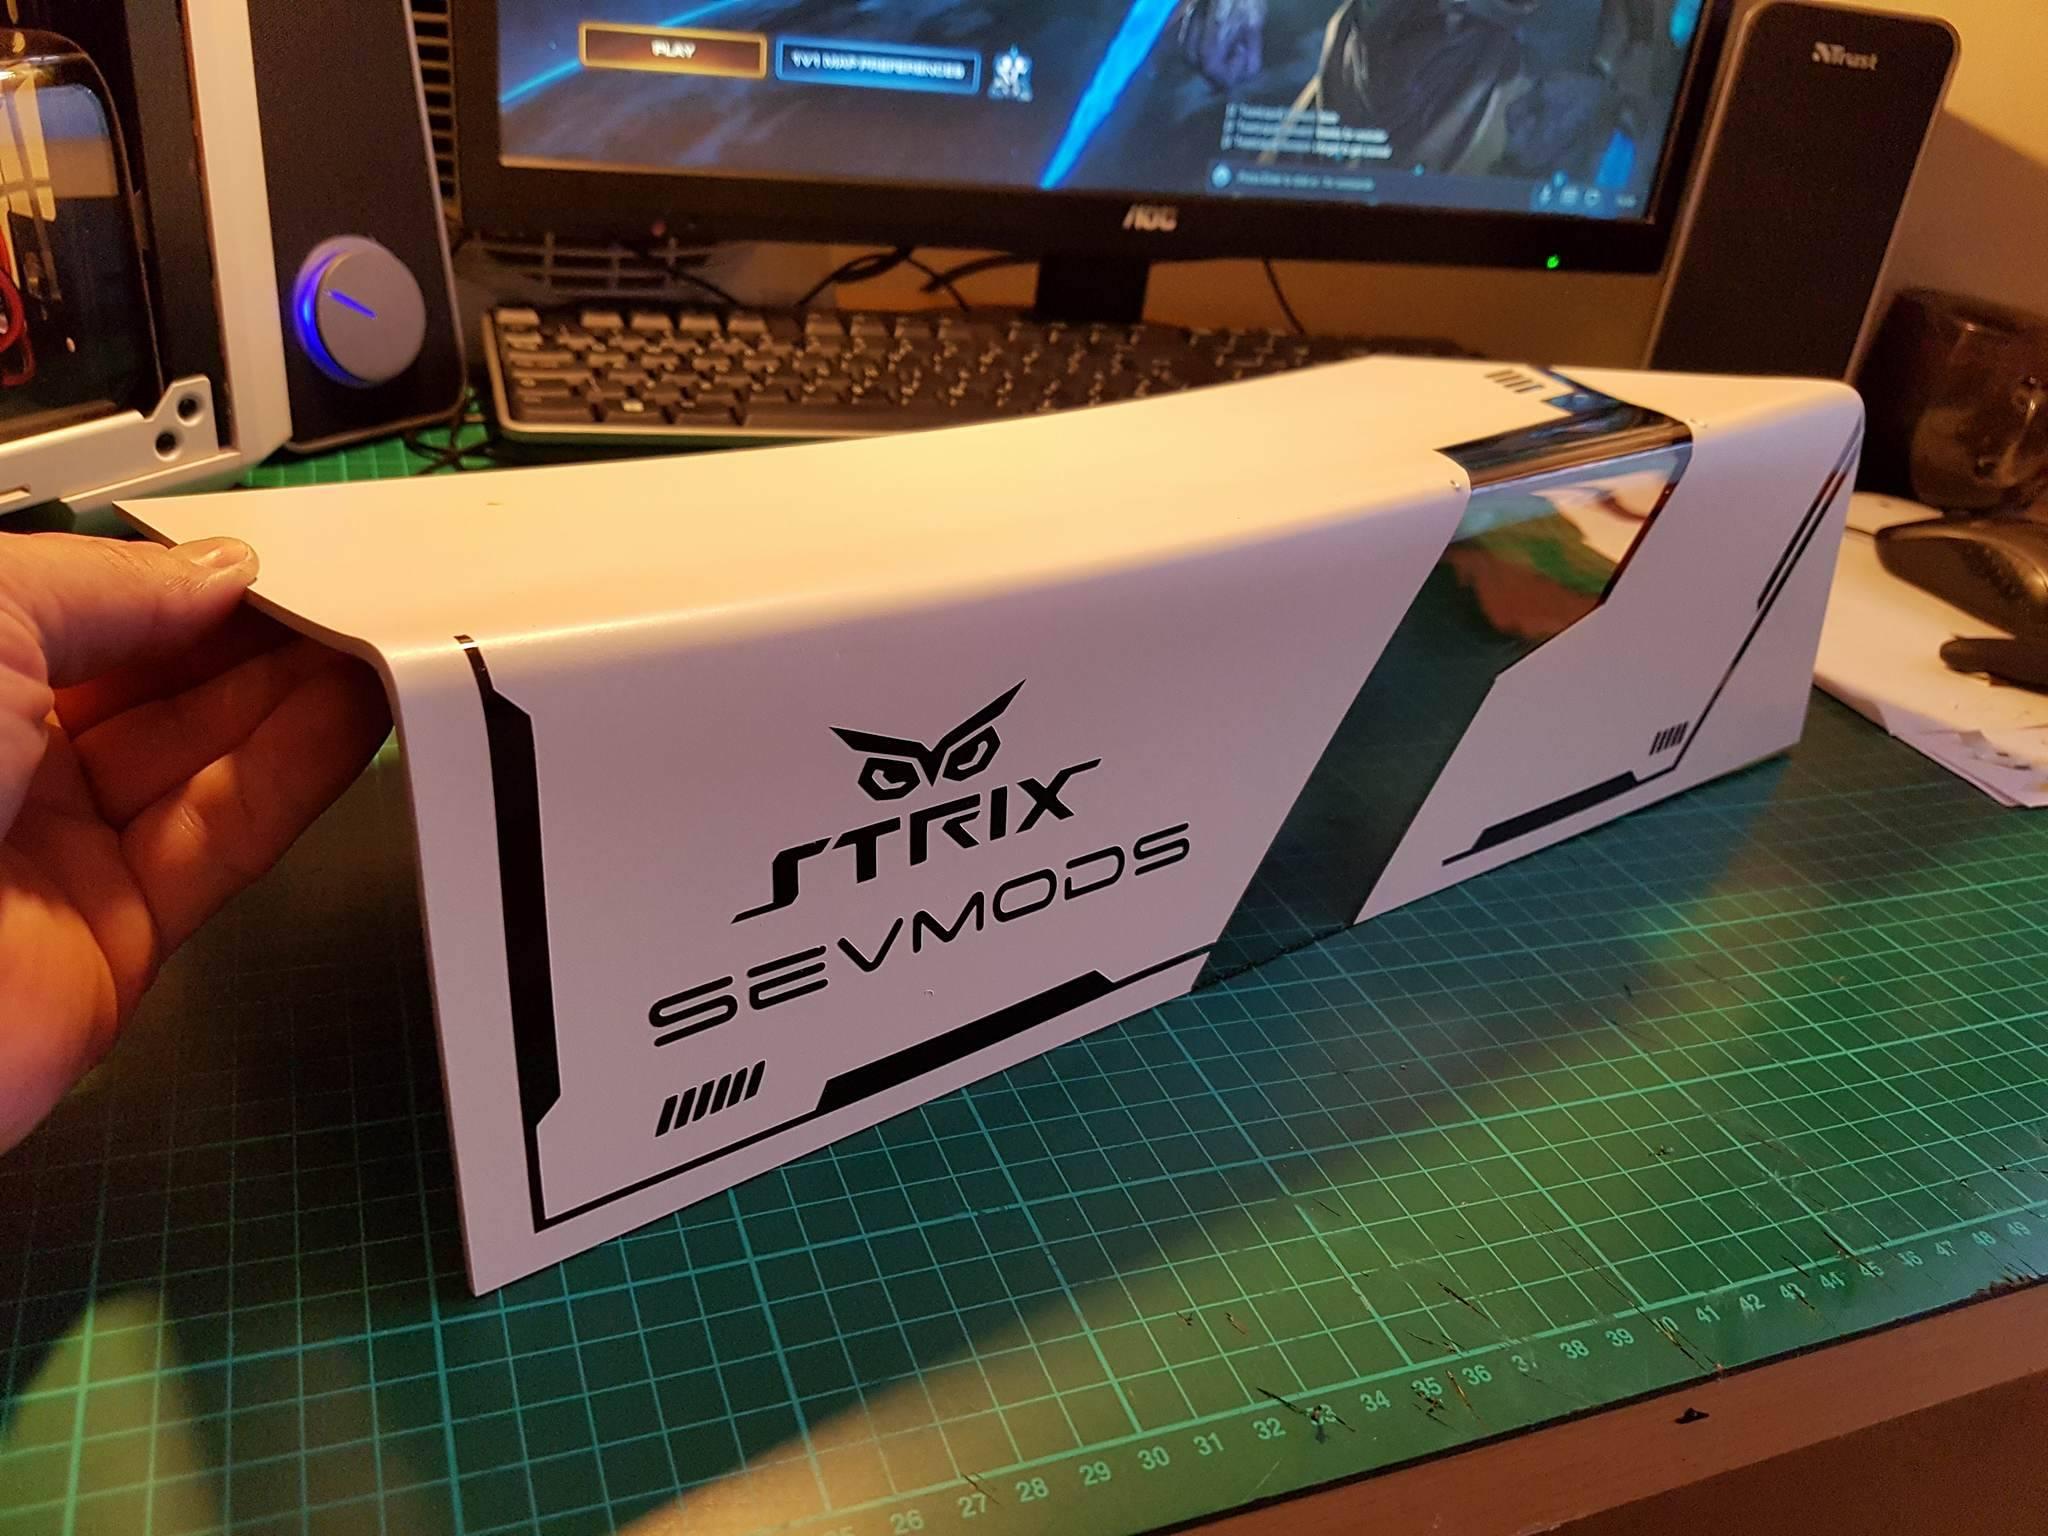 PC Mods : Custom PSU Cover – Strix Sevmods